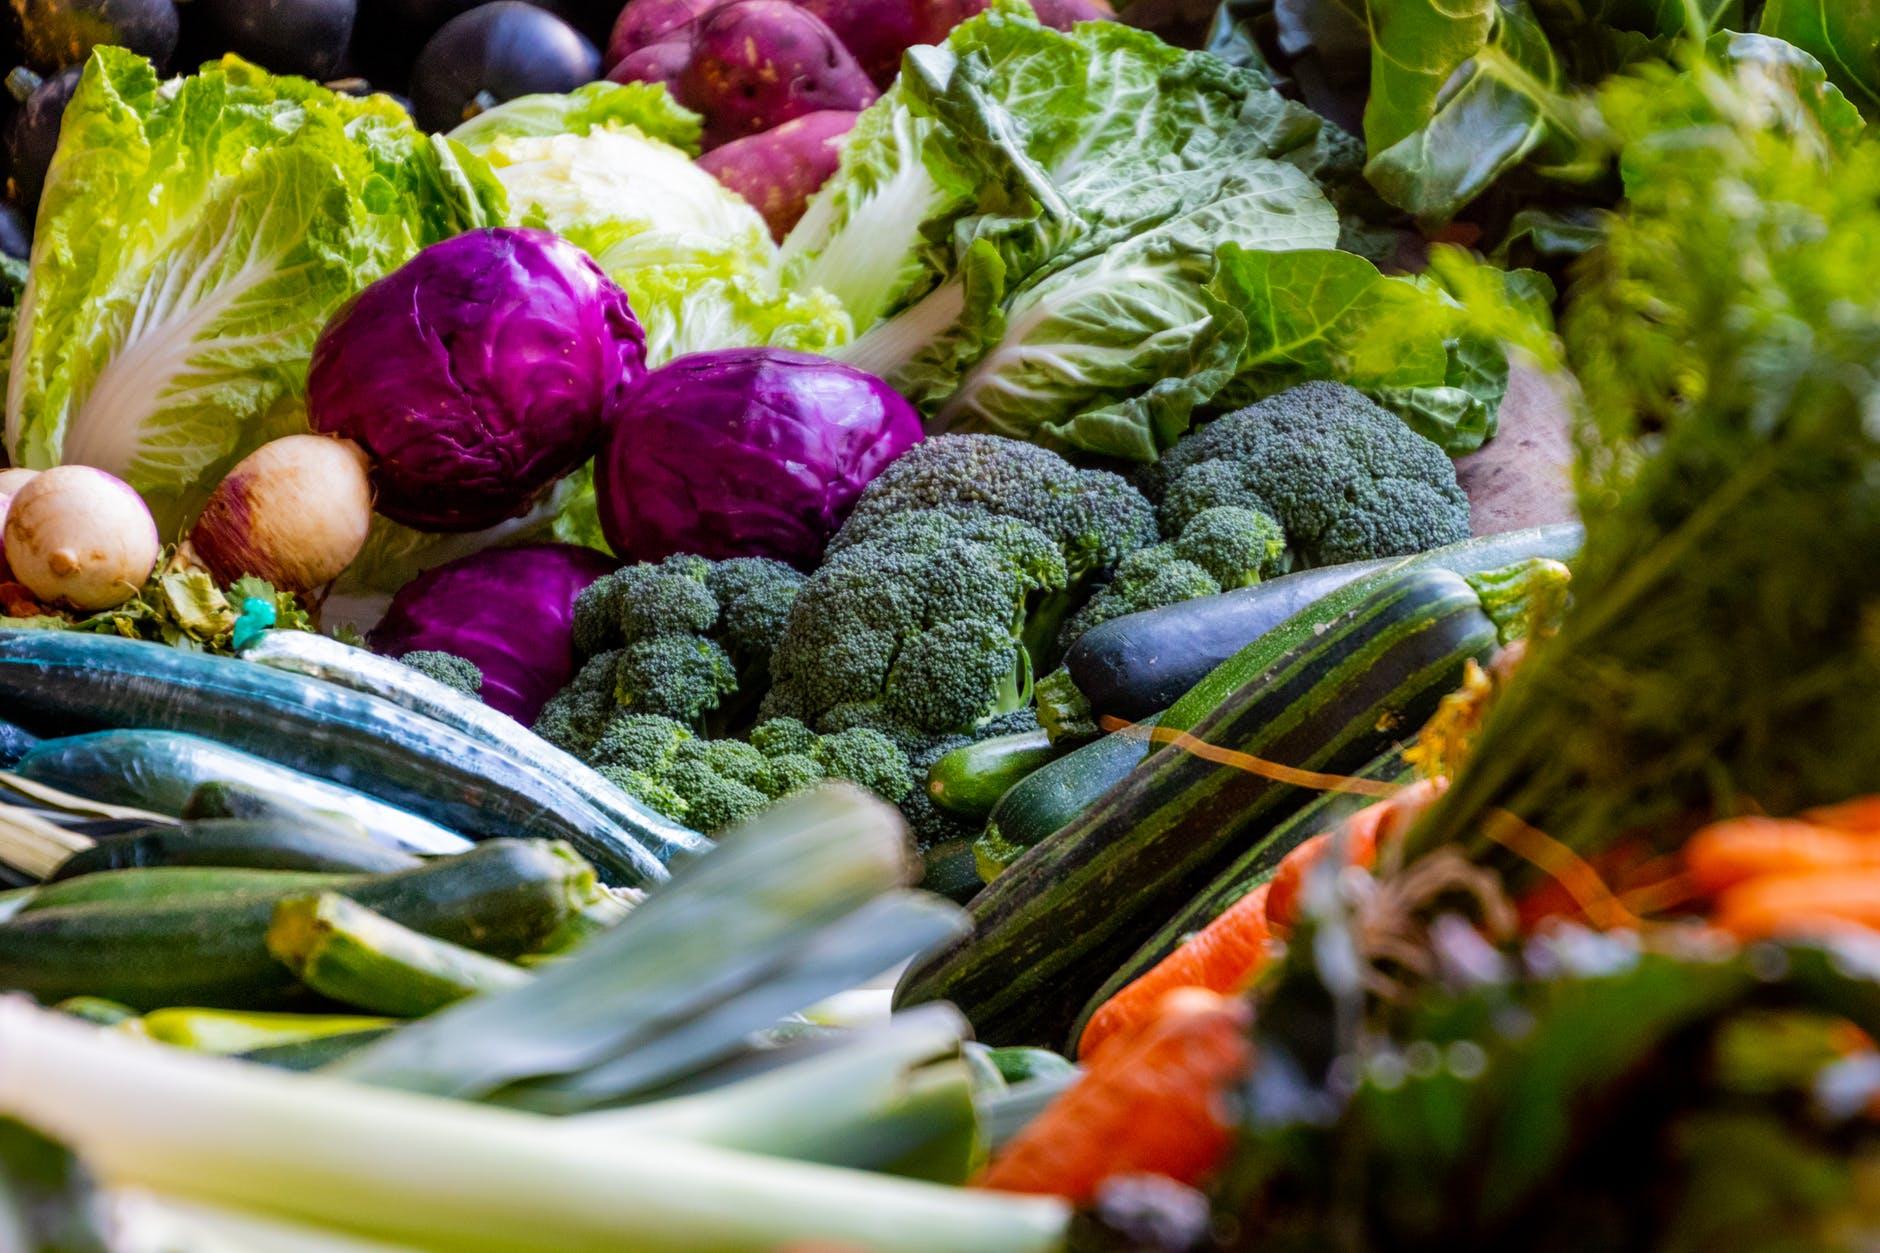 Zöldségtároló építése